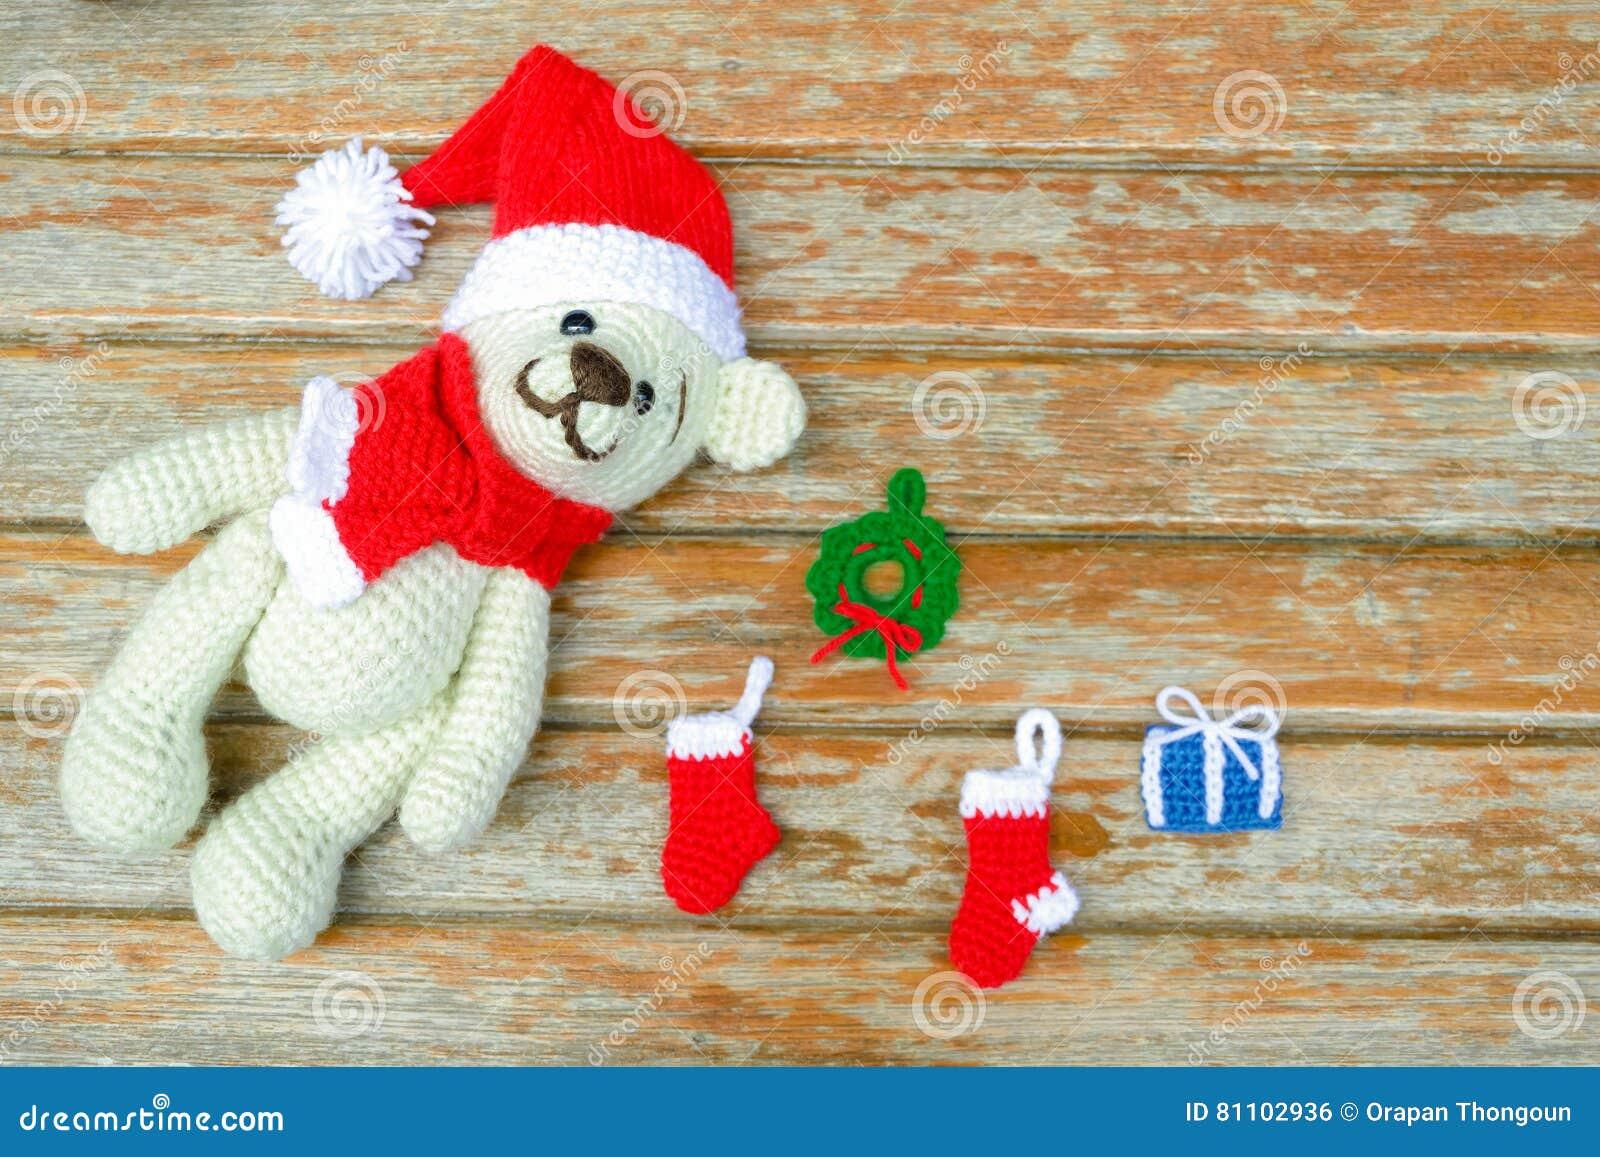 Addobbi e palline di Natale fai da te all'uncinetto - Blogmamma.it | 957x1300